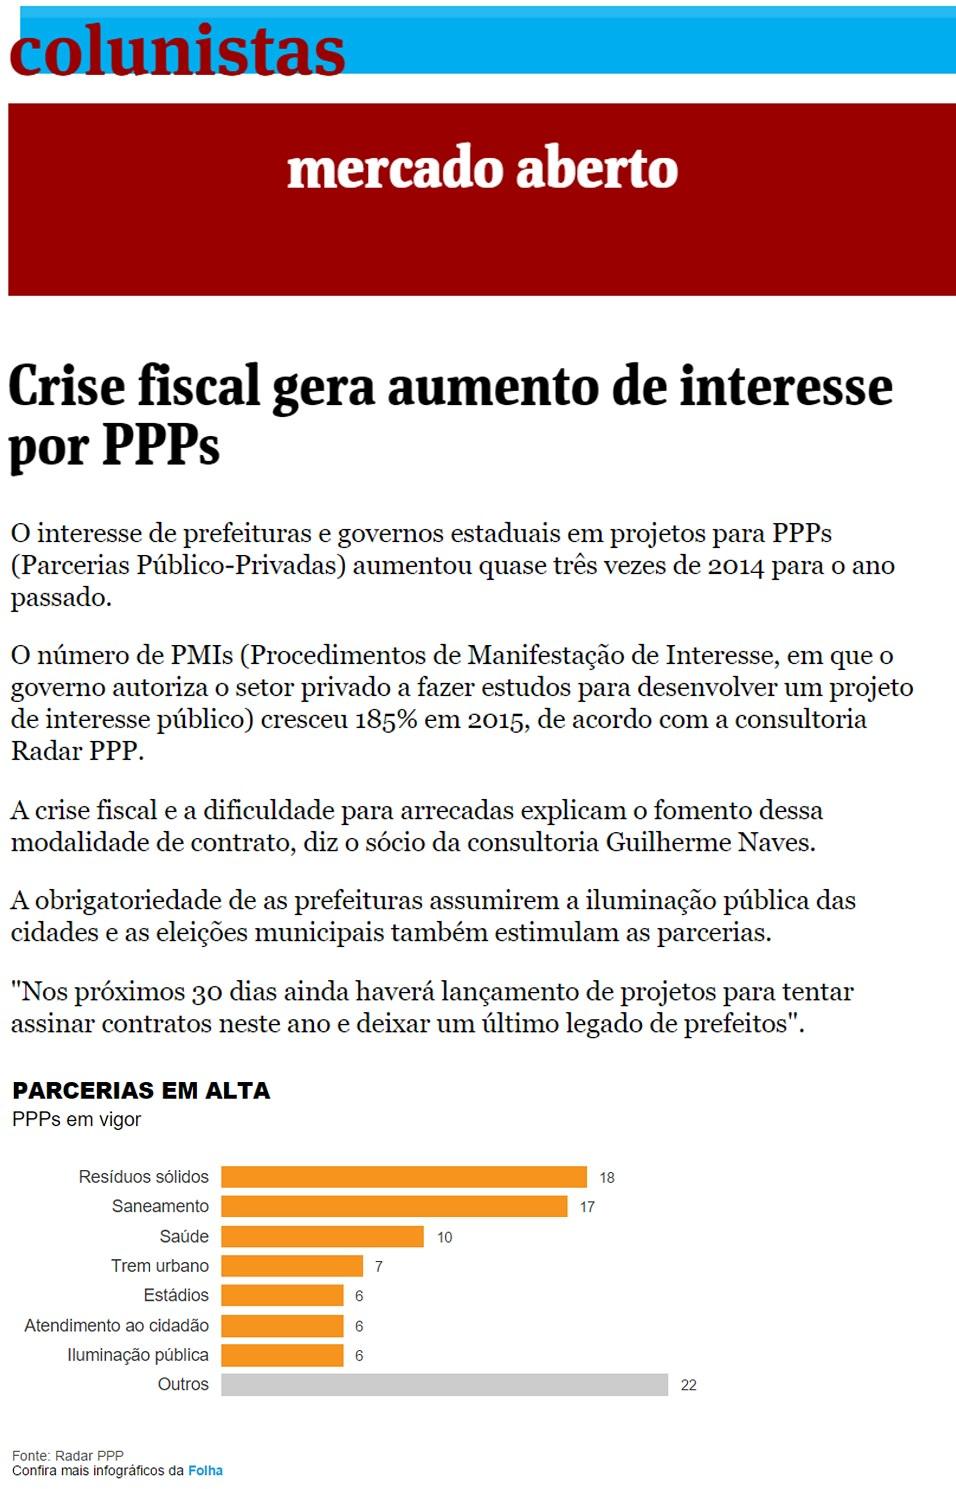 Parcerias Público Privadas em crescimento, diz Folha de São Paulo